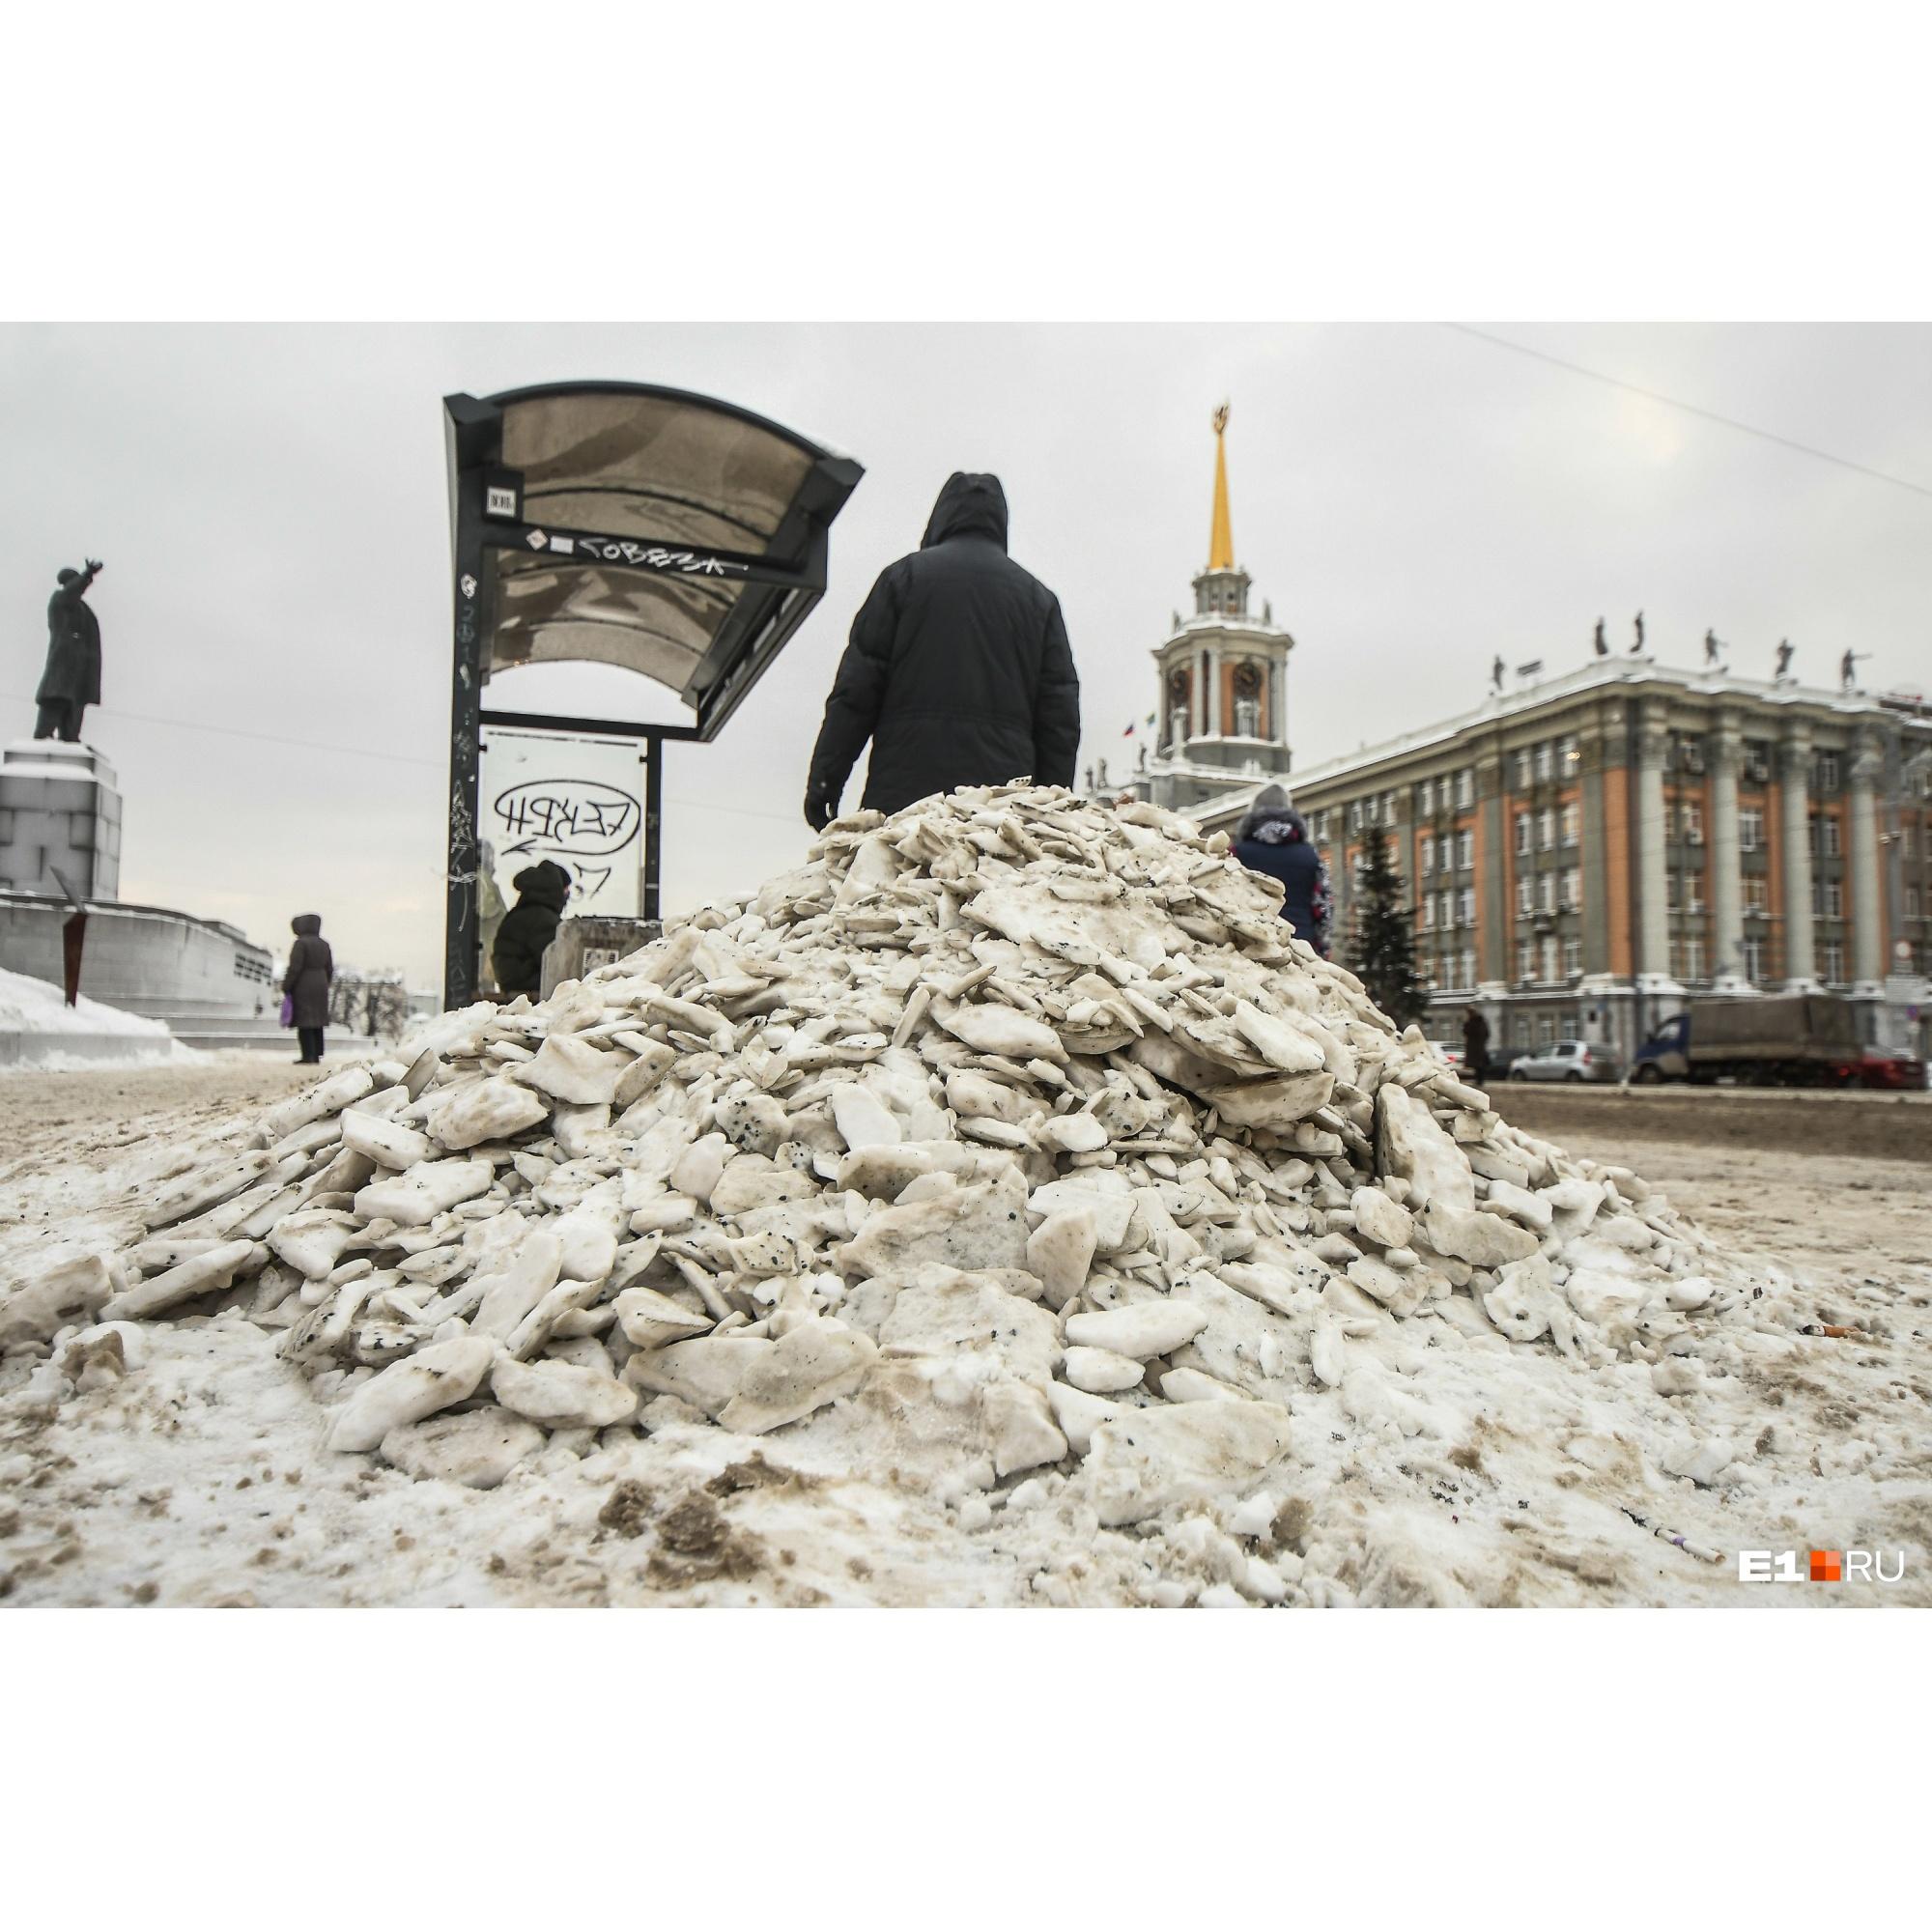 Кучи снега и наледи появились даже перед мэрией